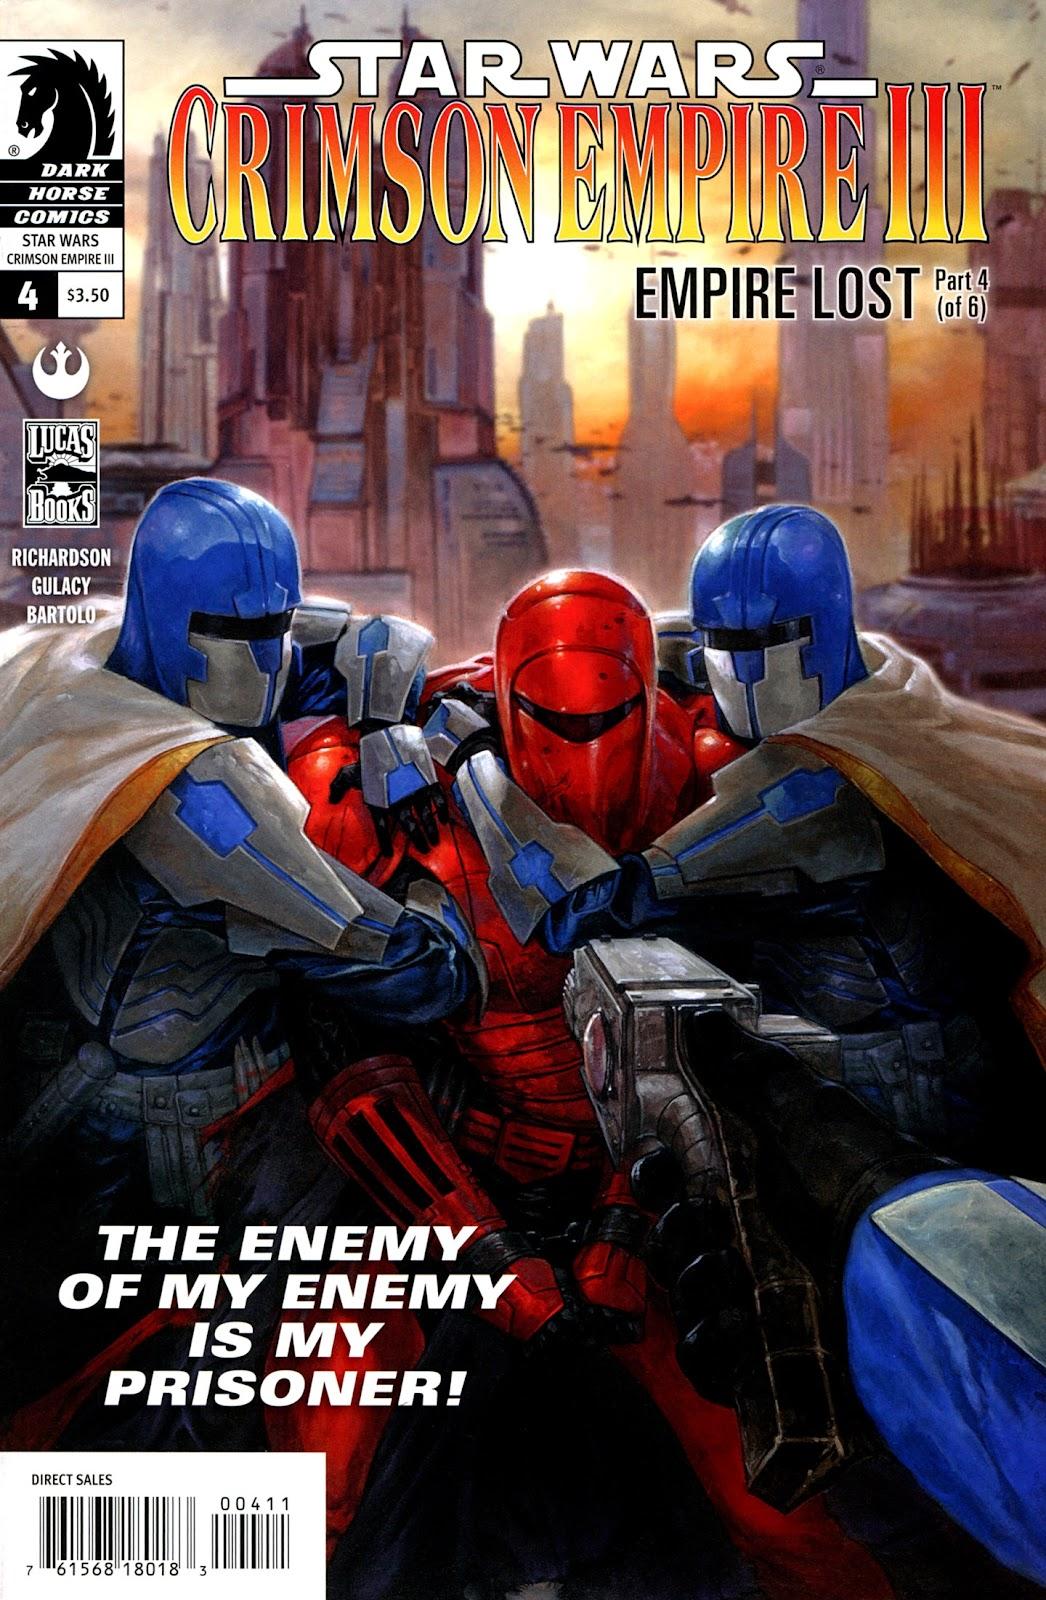 Star Wars: Crimson Empire III - Empire Lost 4 Page 1